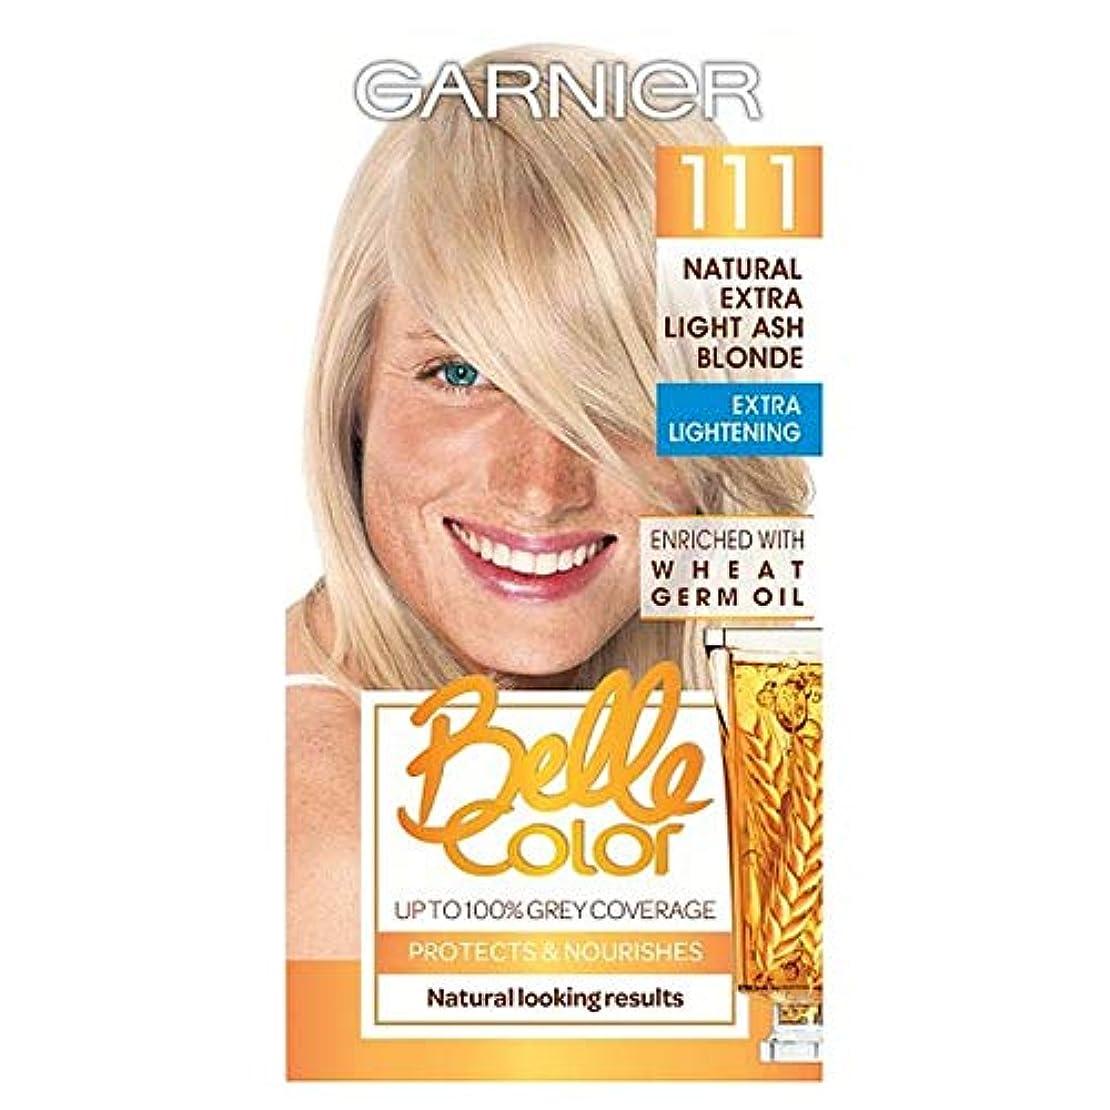 キャッチ元気なおそらく[Belle Color ] ガーン/ベル/Clr 111余分な光灰ブロンドパーマネントヘアダイ - Garn/Bel/Clr 111 Extra Light Ash Blonde Permanent Hair Dye...